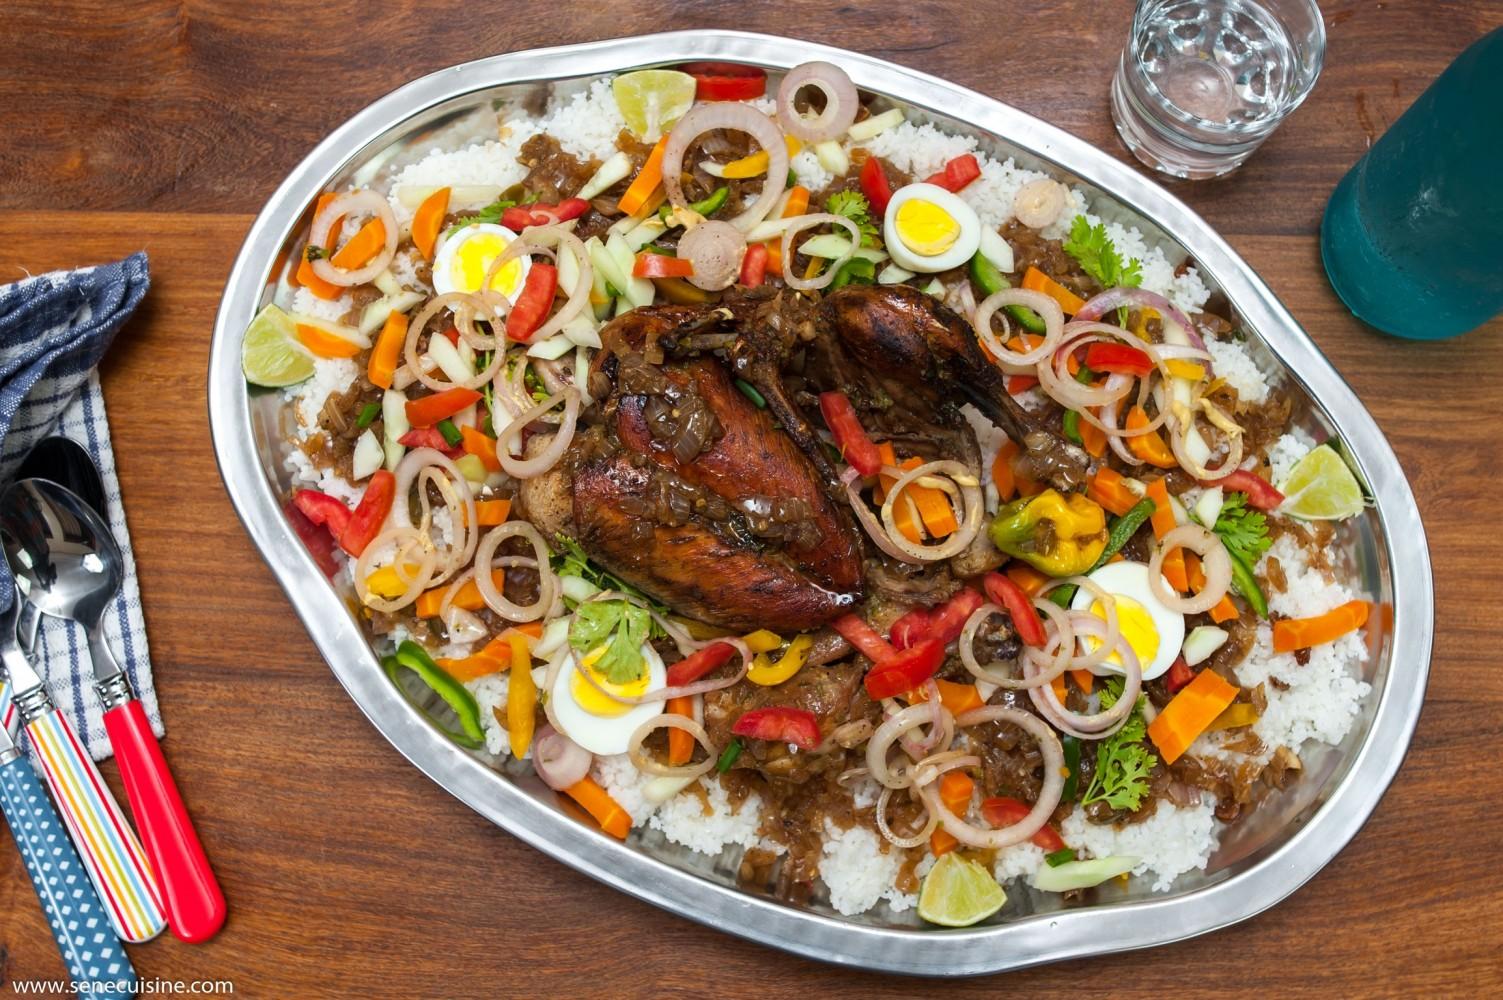 Yassa guinaar  yassa au poulet  Senecuisine  cuisine sngalaise